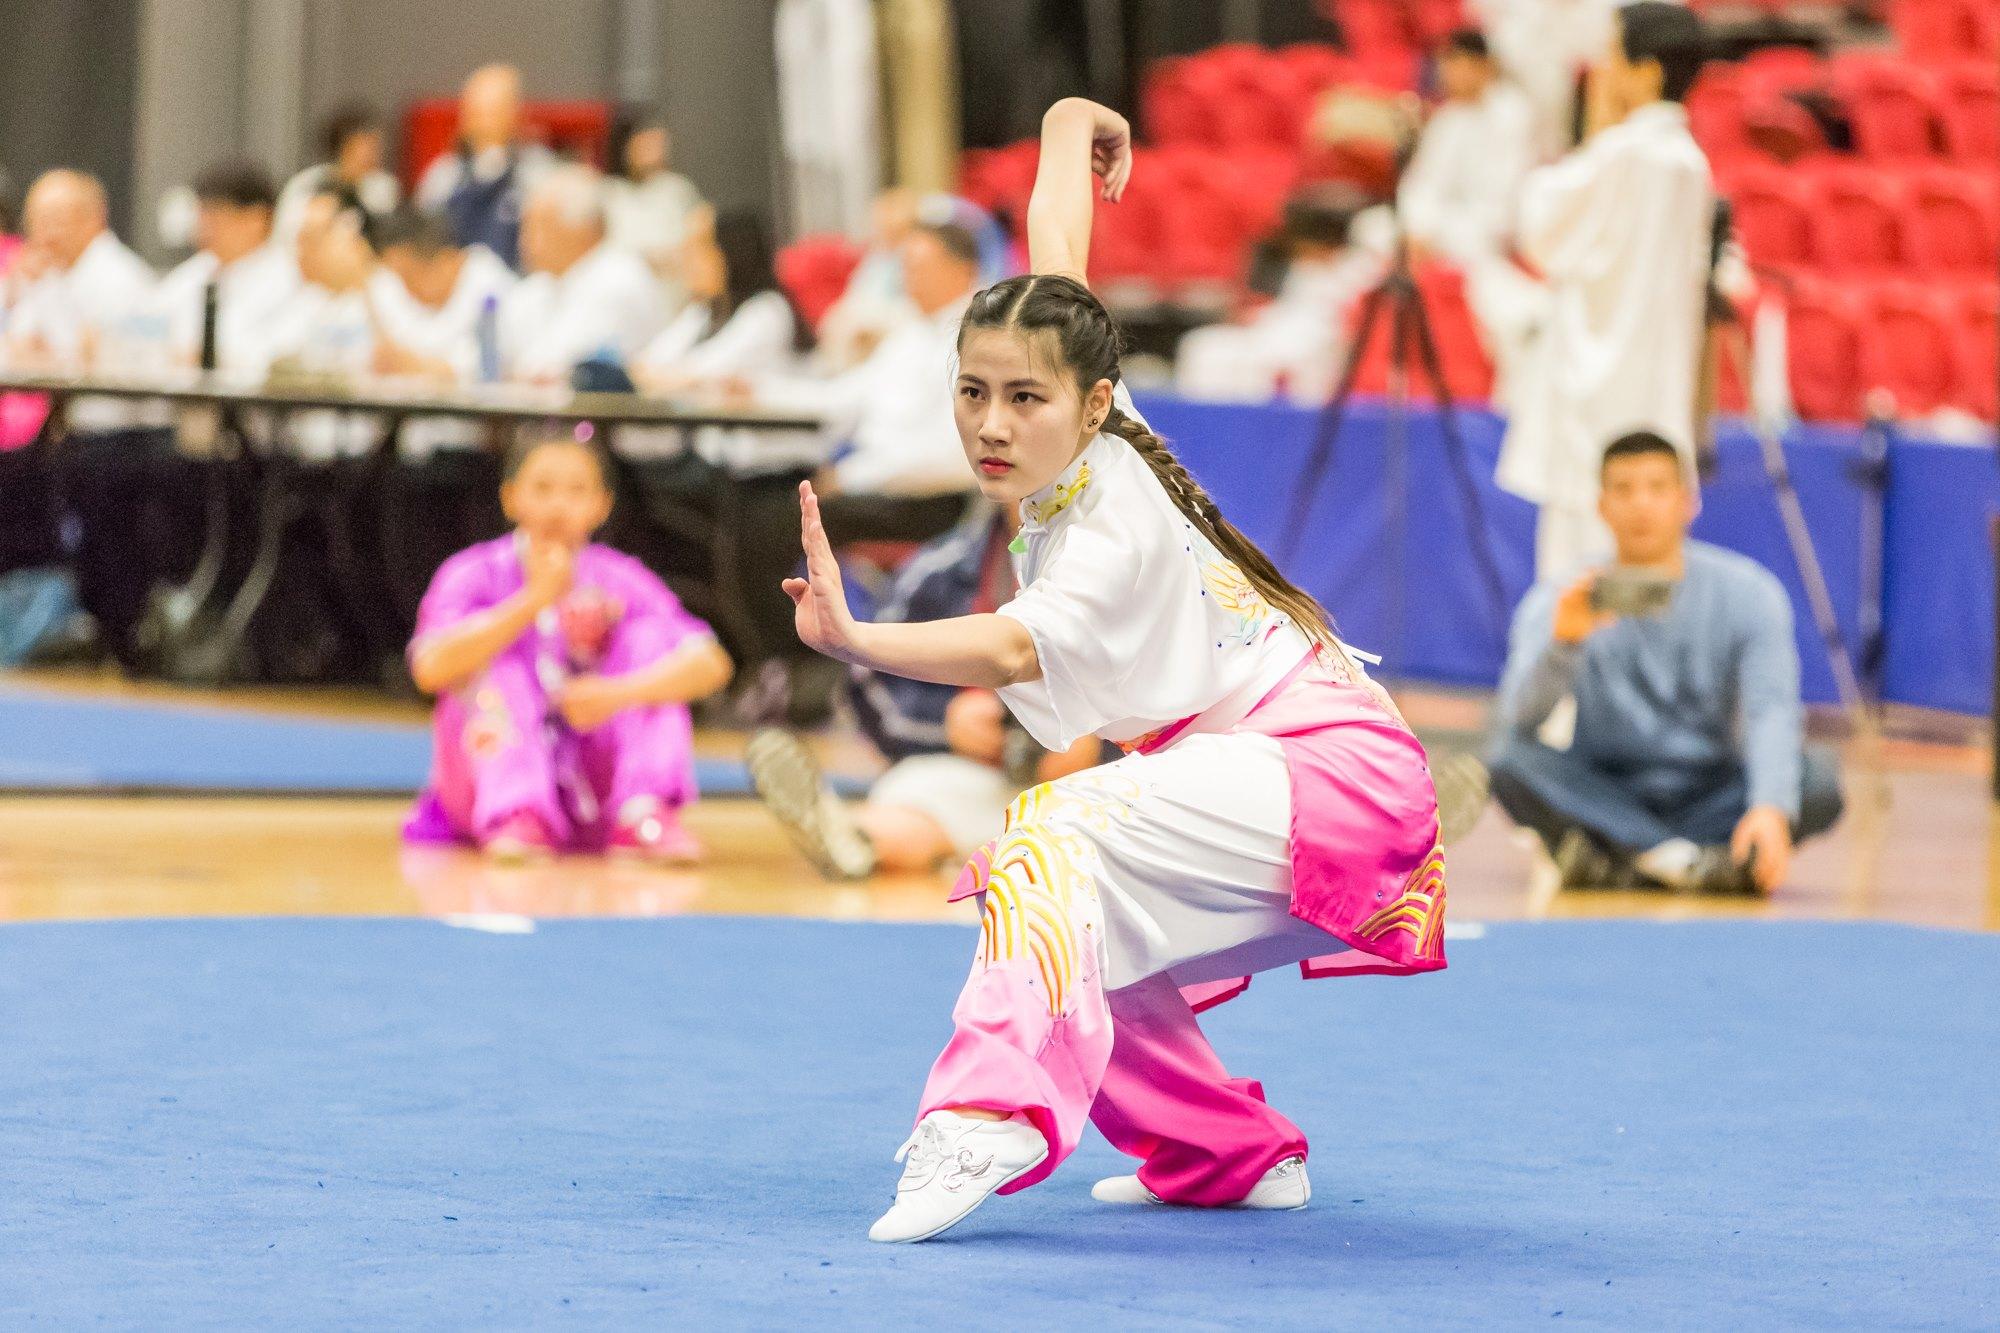 wayland-li-wushu-toronto-markham-canadian-wushu-championships-2017-changquan-19.jpg